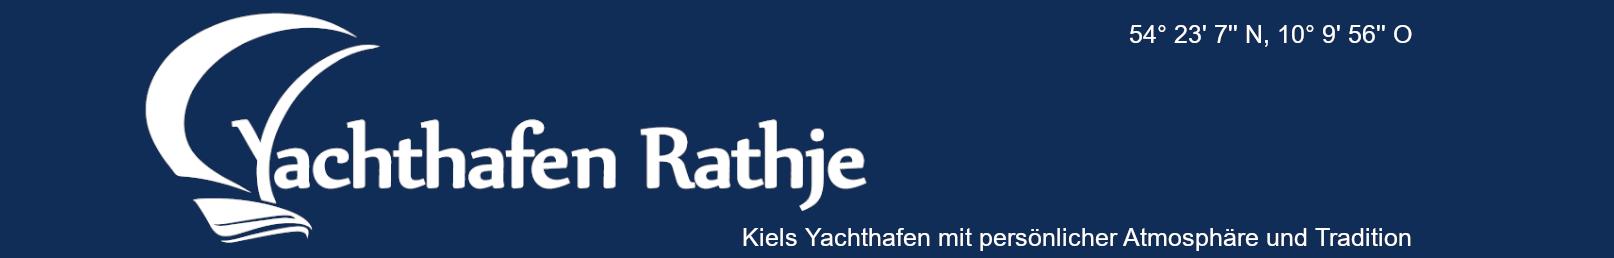 Yachthafen Rathje Logo